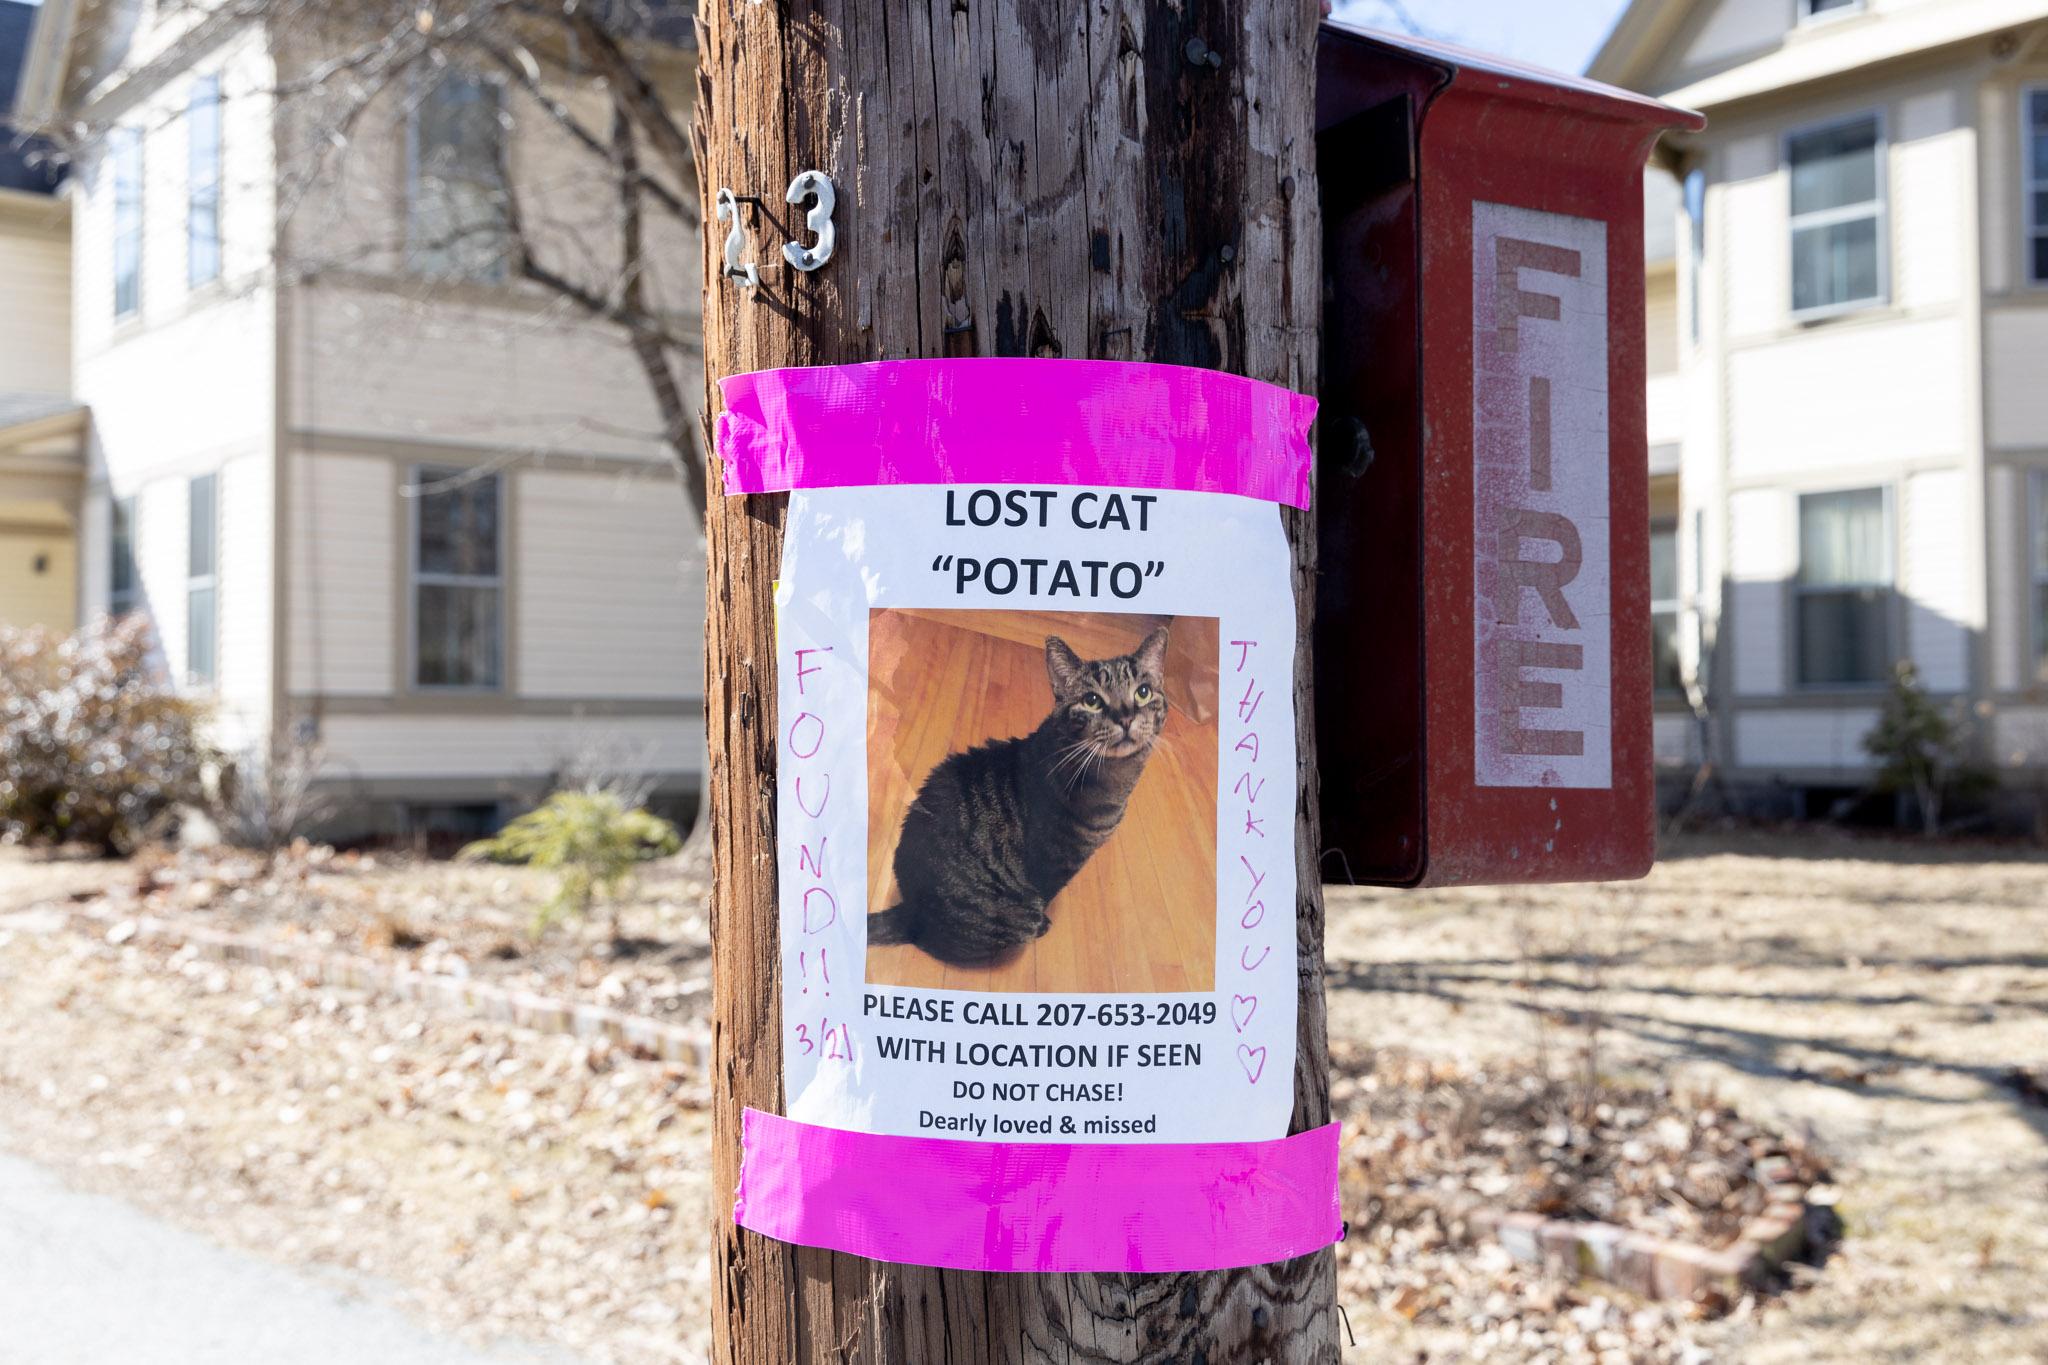 Lost Cat - Potato - Found!